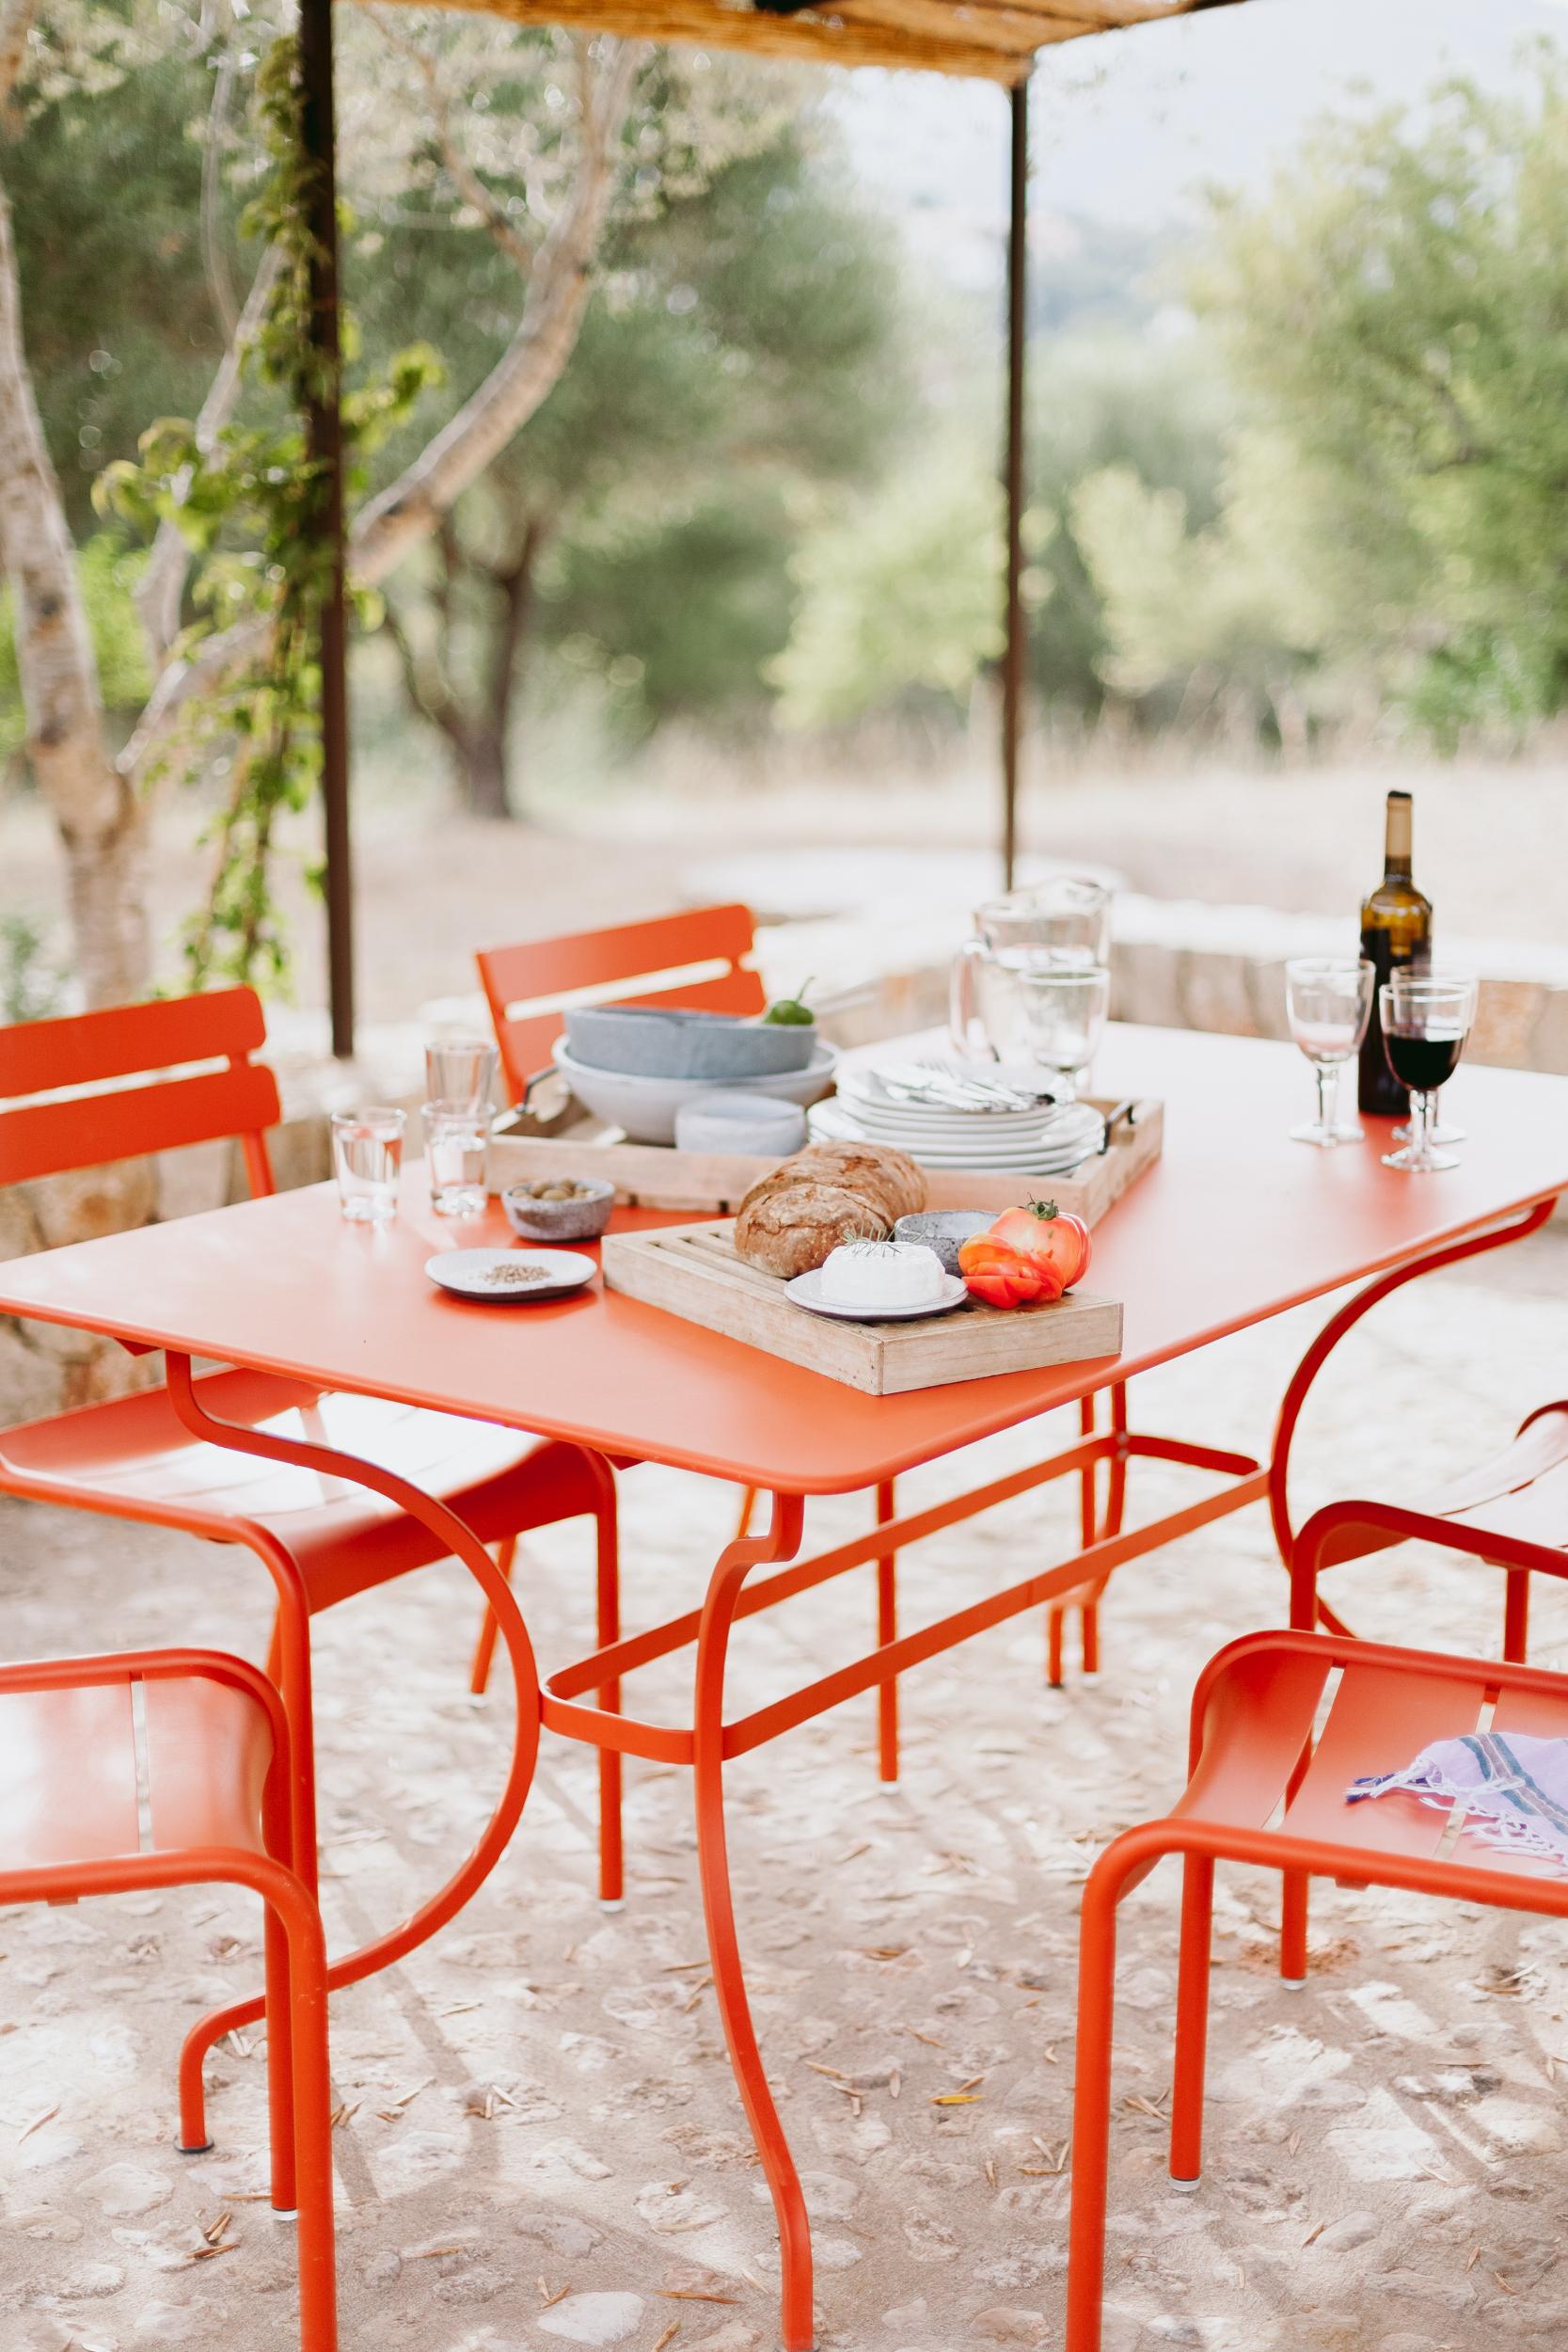 PERGOLA & PFLANZEN - Unter der überdachten Pergola steht ein Grill bereit sowie ein weiterer Tisch mit Stühlen – perfekt für ein leichtes Mittagessen oder ein abendliches BBQMediterrane Pflanzen und Kräuter wie auch die für Mallorca typischen Oliven- und Mandelbäume finden sich rund ums Haus herum – und erfreuen das Auge und Hobbyköche gleichermaßen.